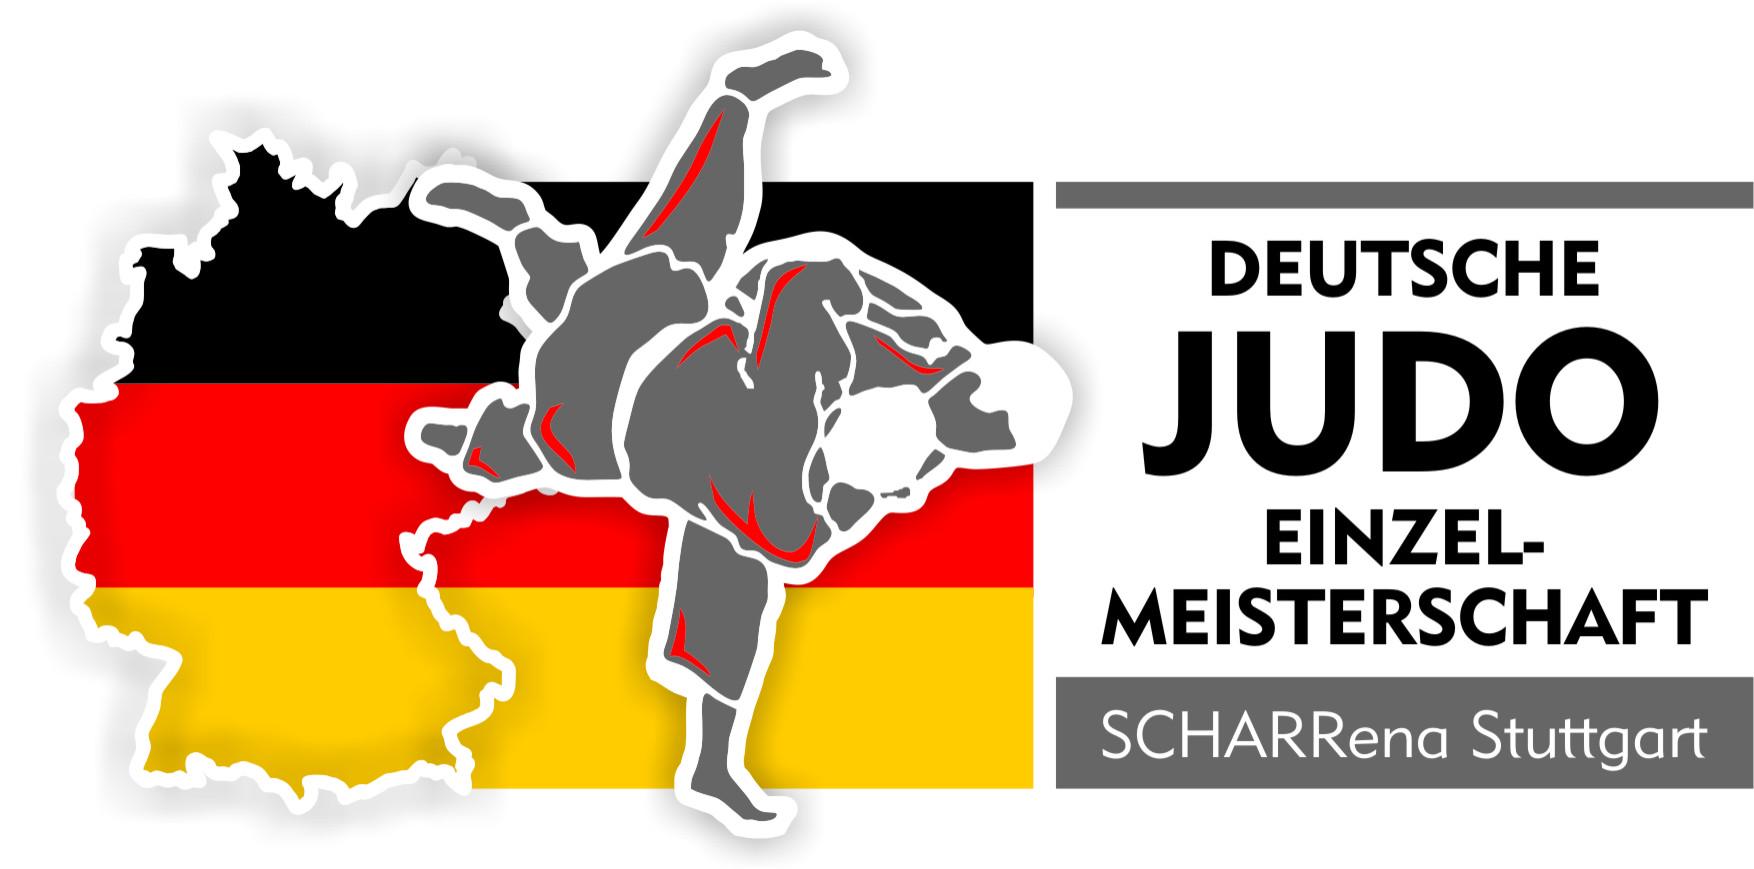 Judomatten-Verkauf im Rahmen der DEM 2018